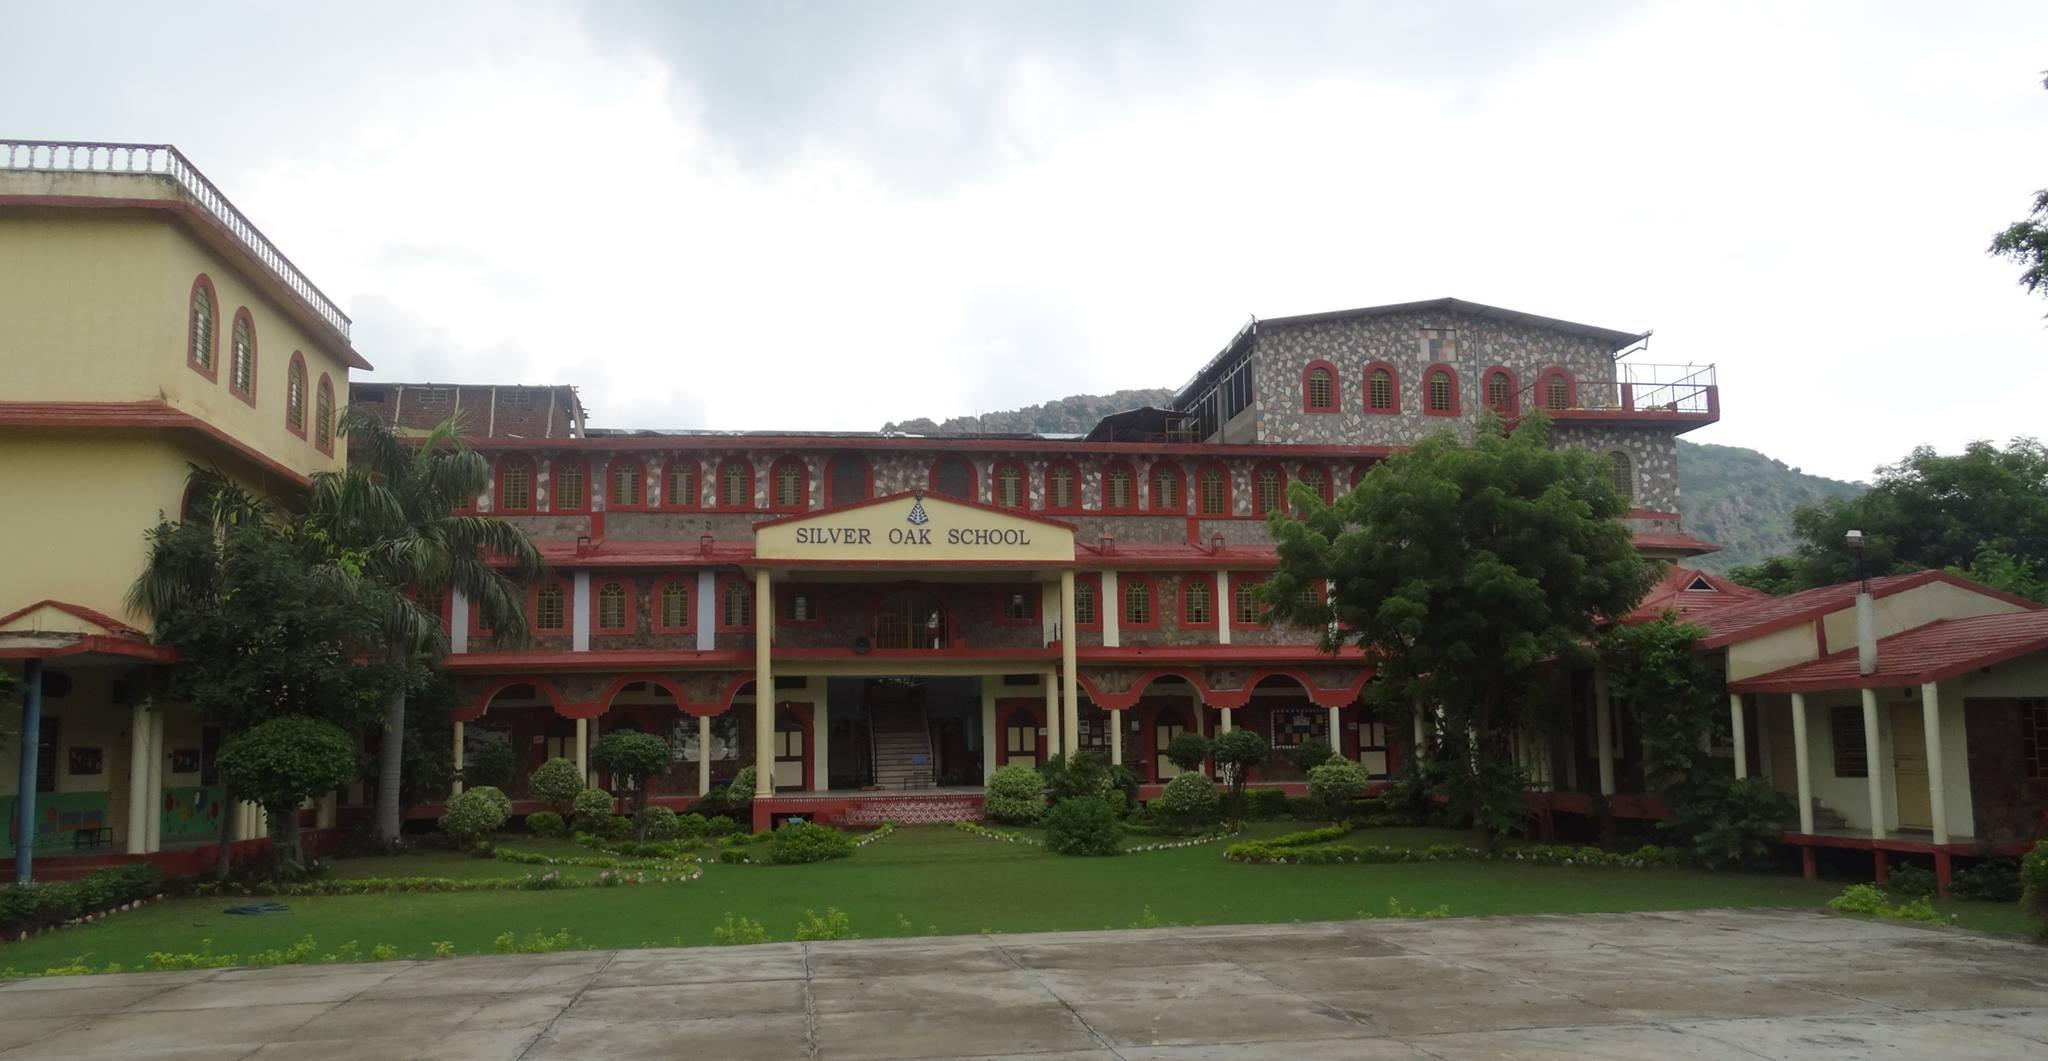 Silver Oak School